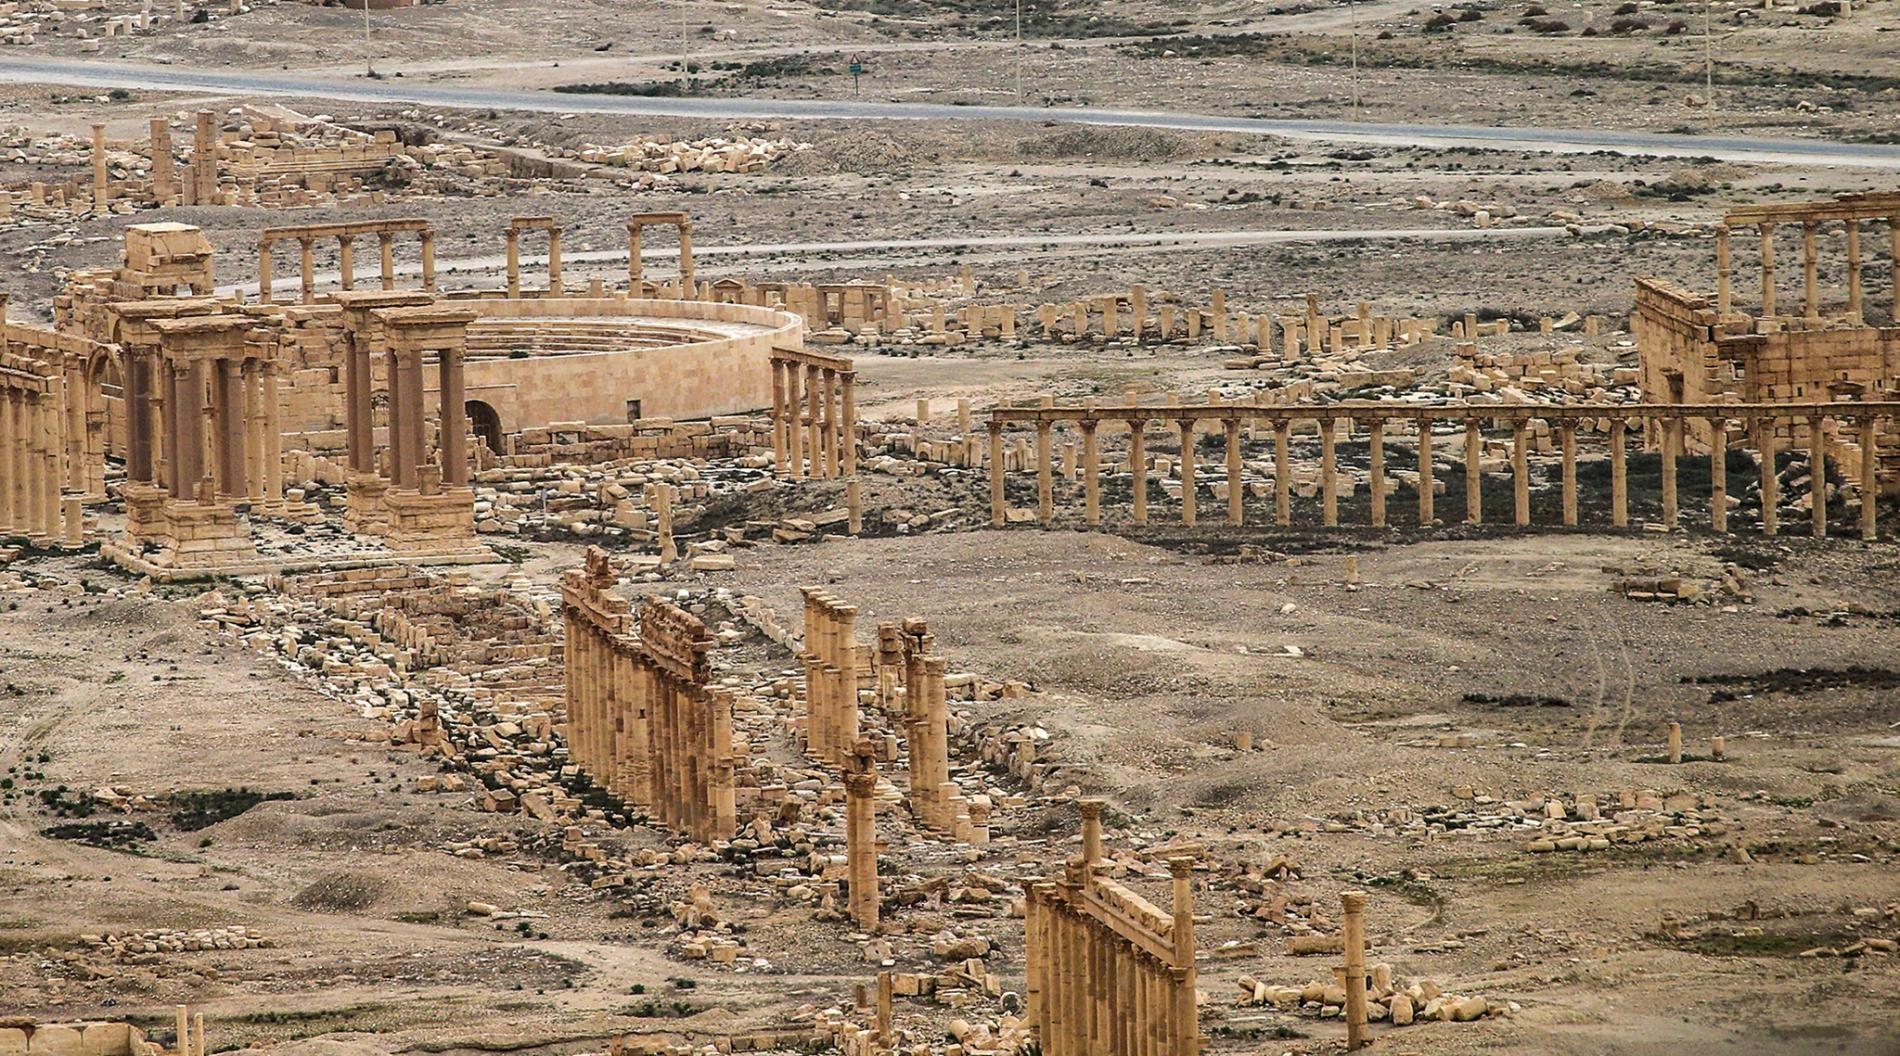 Di Tengah Konflik, Suriah Akan Buka Pariwisata di Tahun 2019